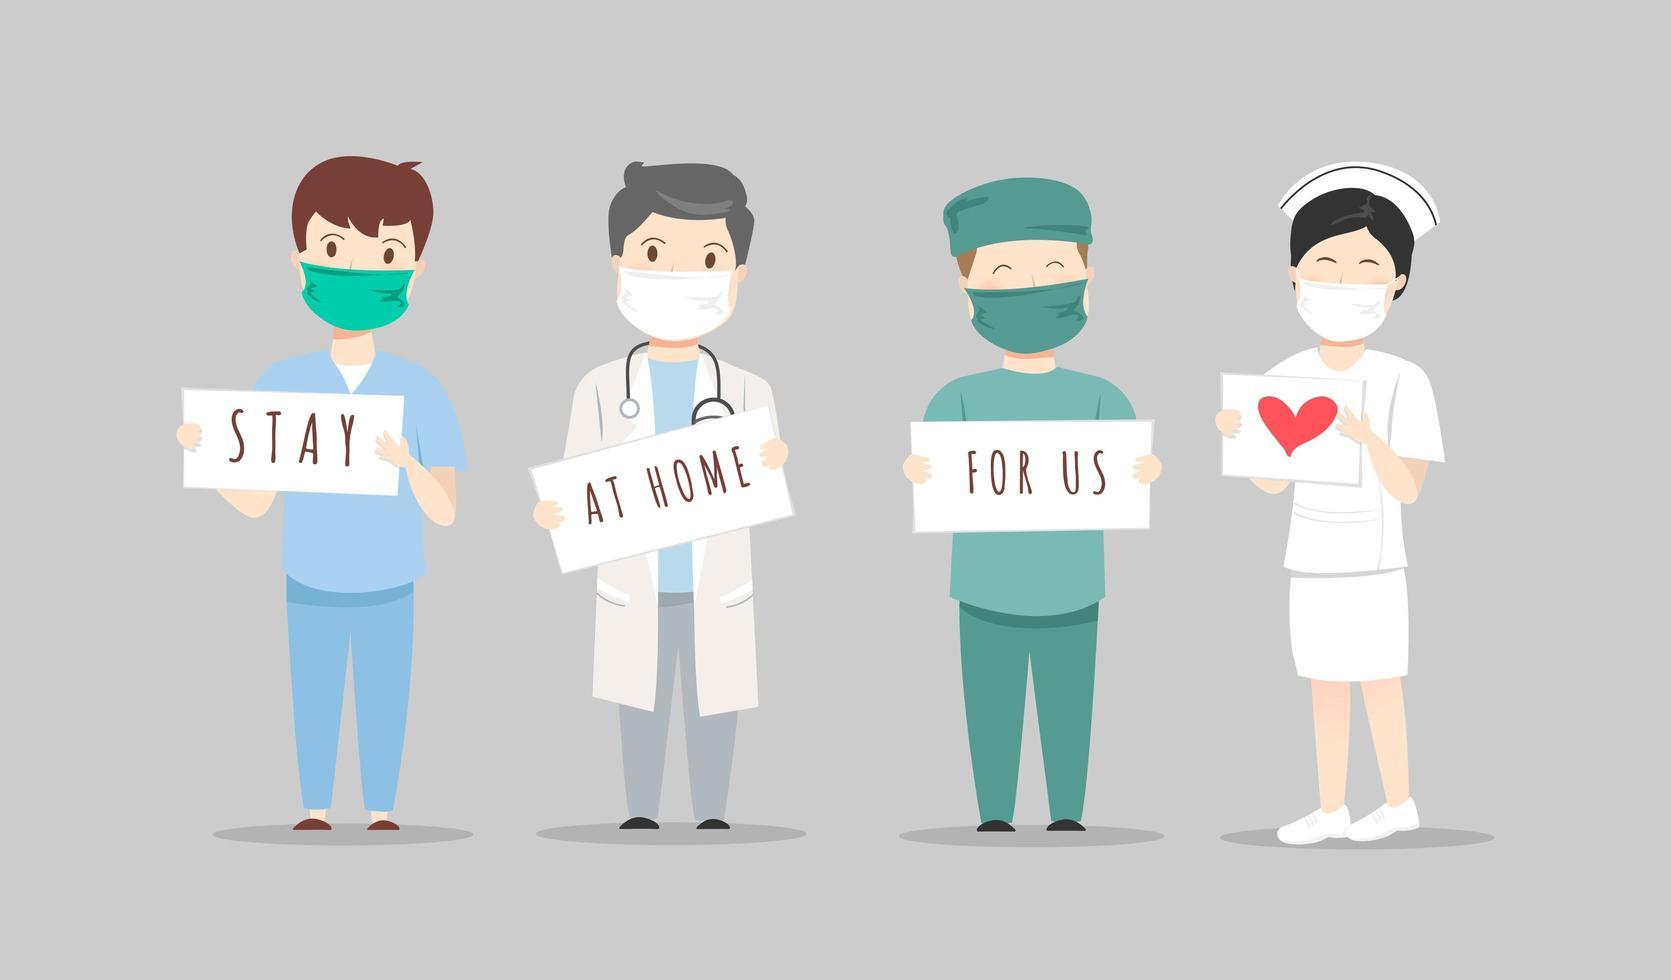 läkare och sjuksköterskor med hemma för oss tecken vektor